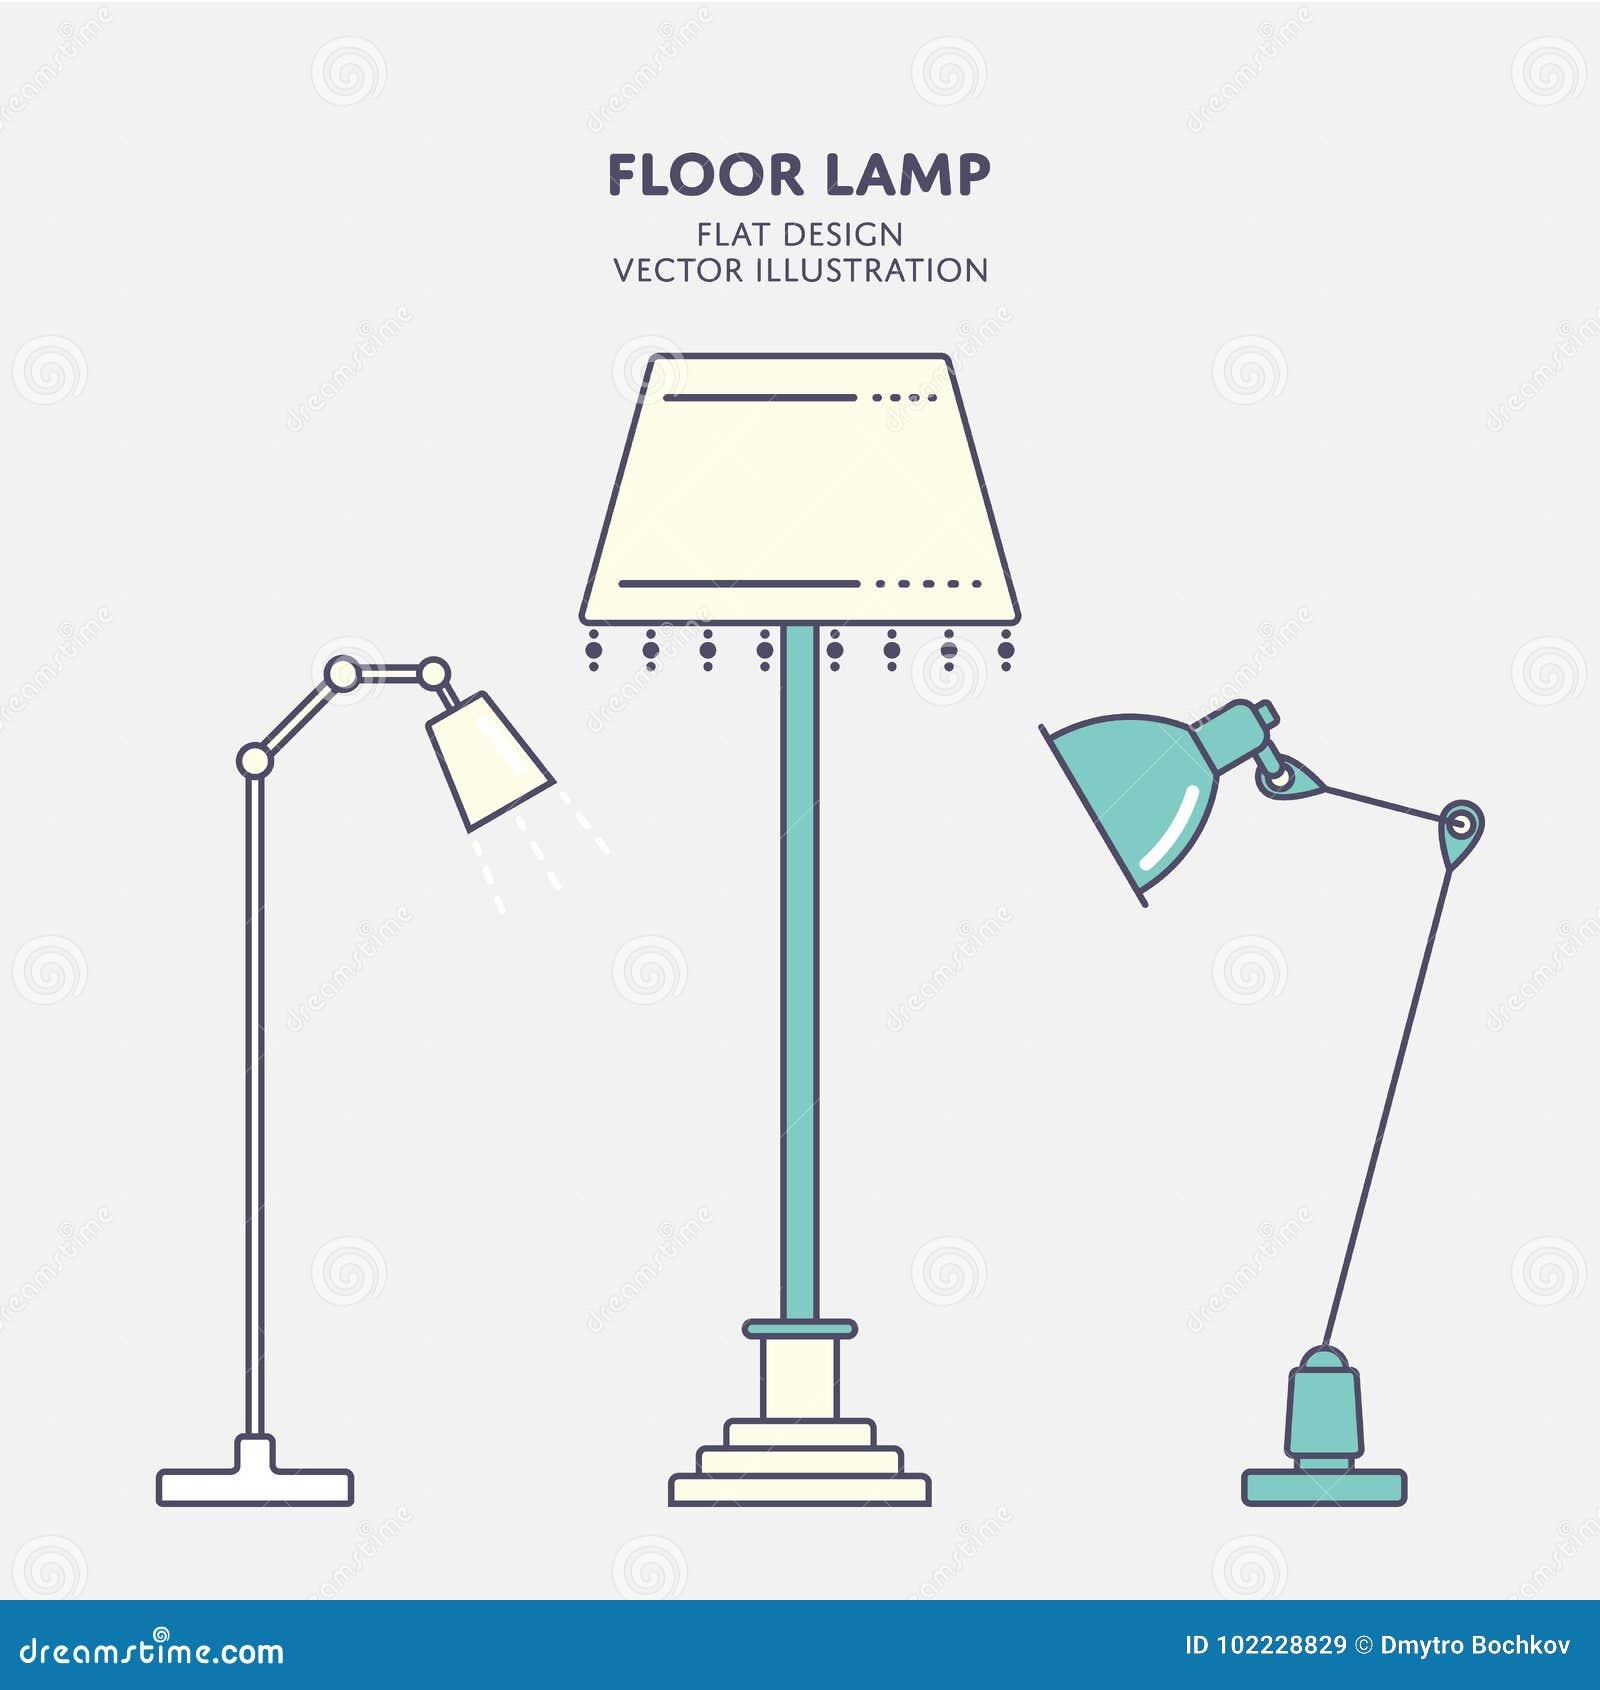 Pie Plano Ilustración Vector Diseño Del De Lámpara Om8yvNnw0